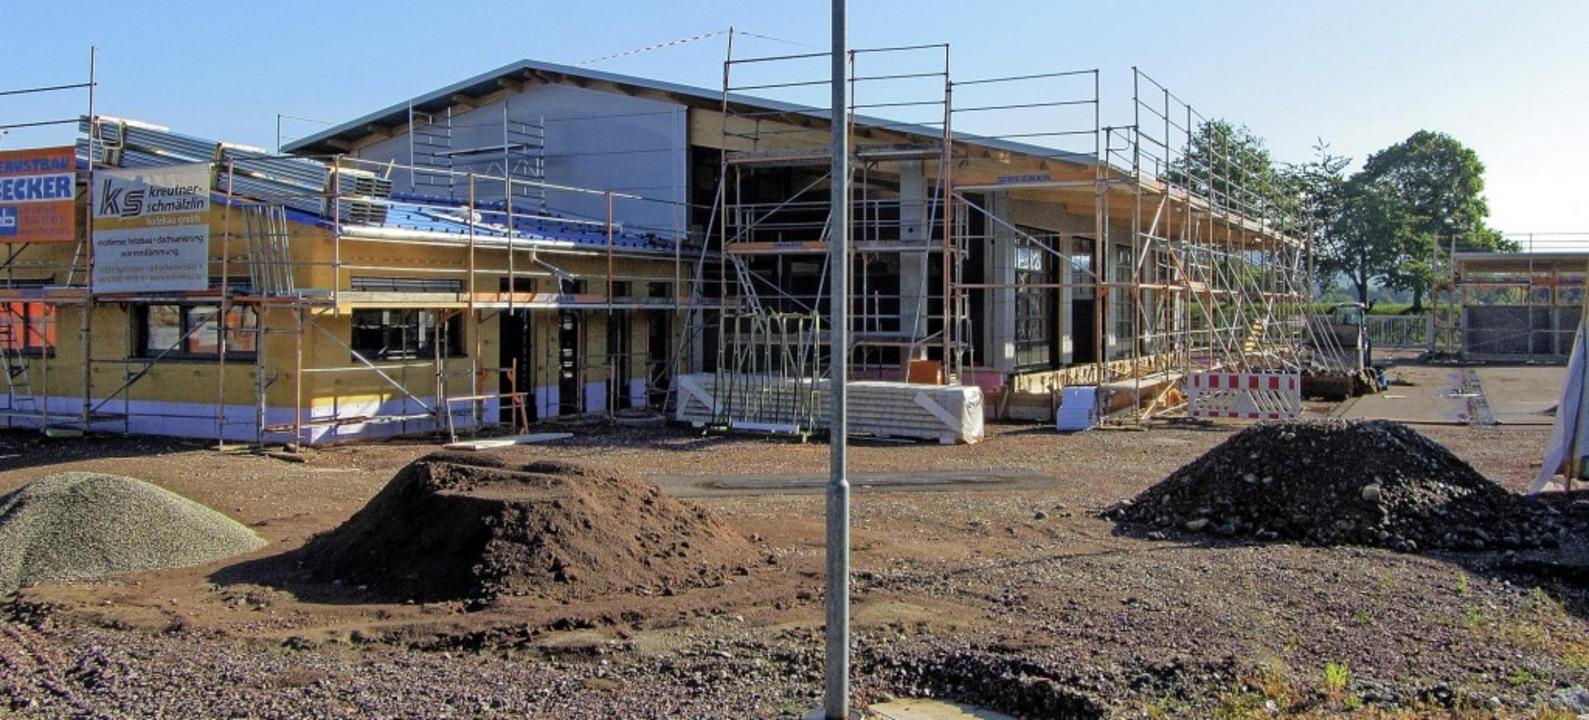 Der neue Riegeler Betriebshof im Gewer...feldele macht sichtbare Fortschritte.     Foto: Martin Wendel